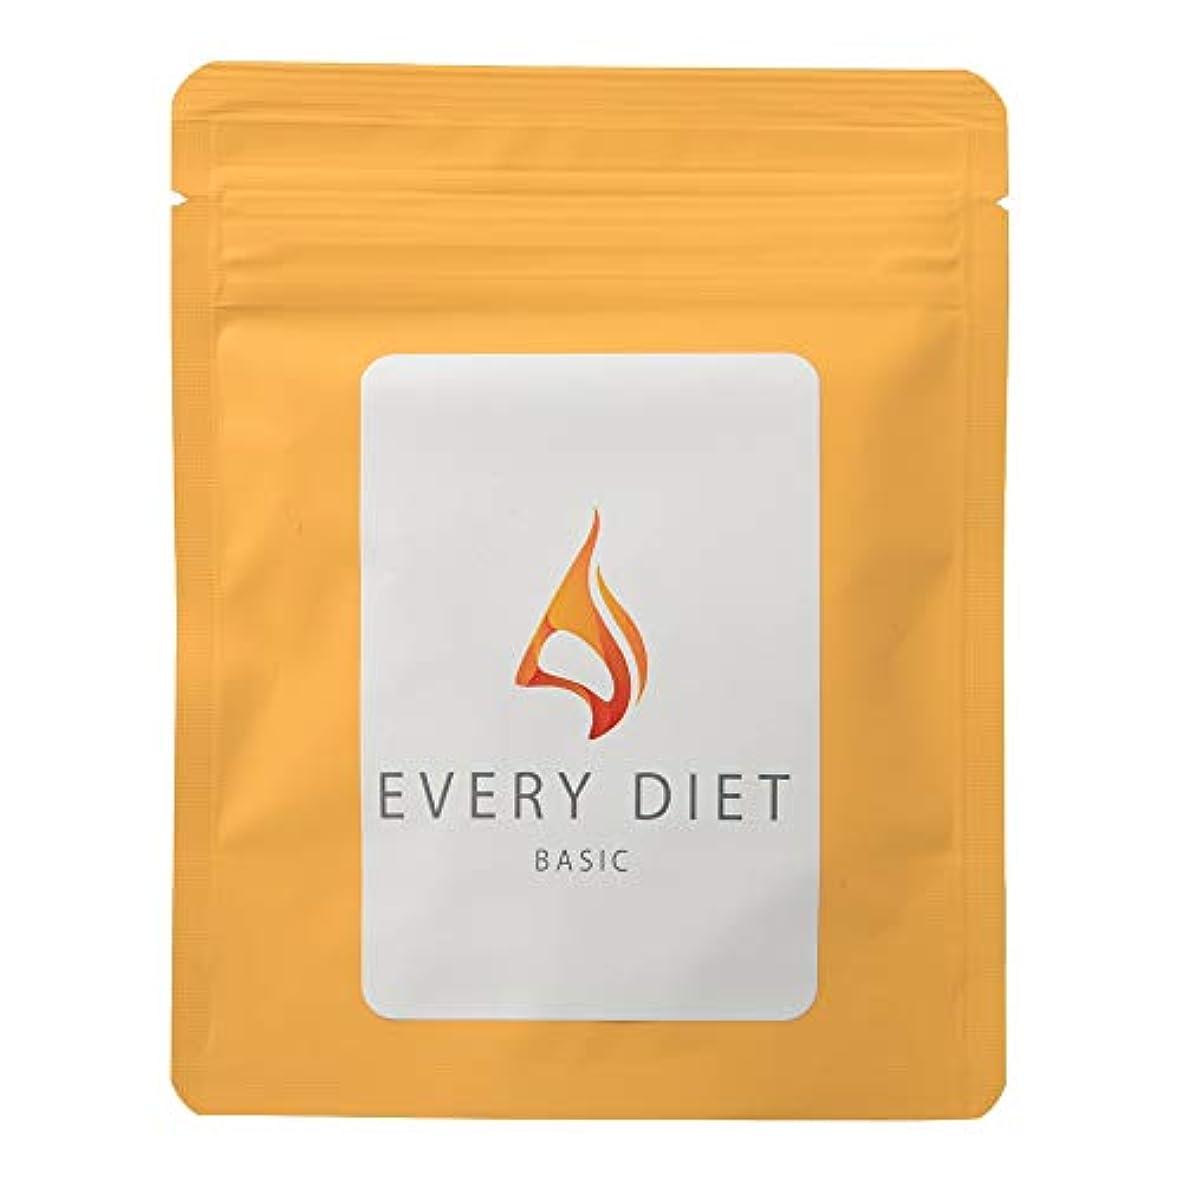 土曜日セーブ吸収剤Every Diet Basic (エブリダイエット ベーシック) ダイエット サプリメント [内容量60粒/ 説明書付き]